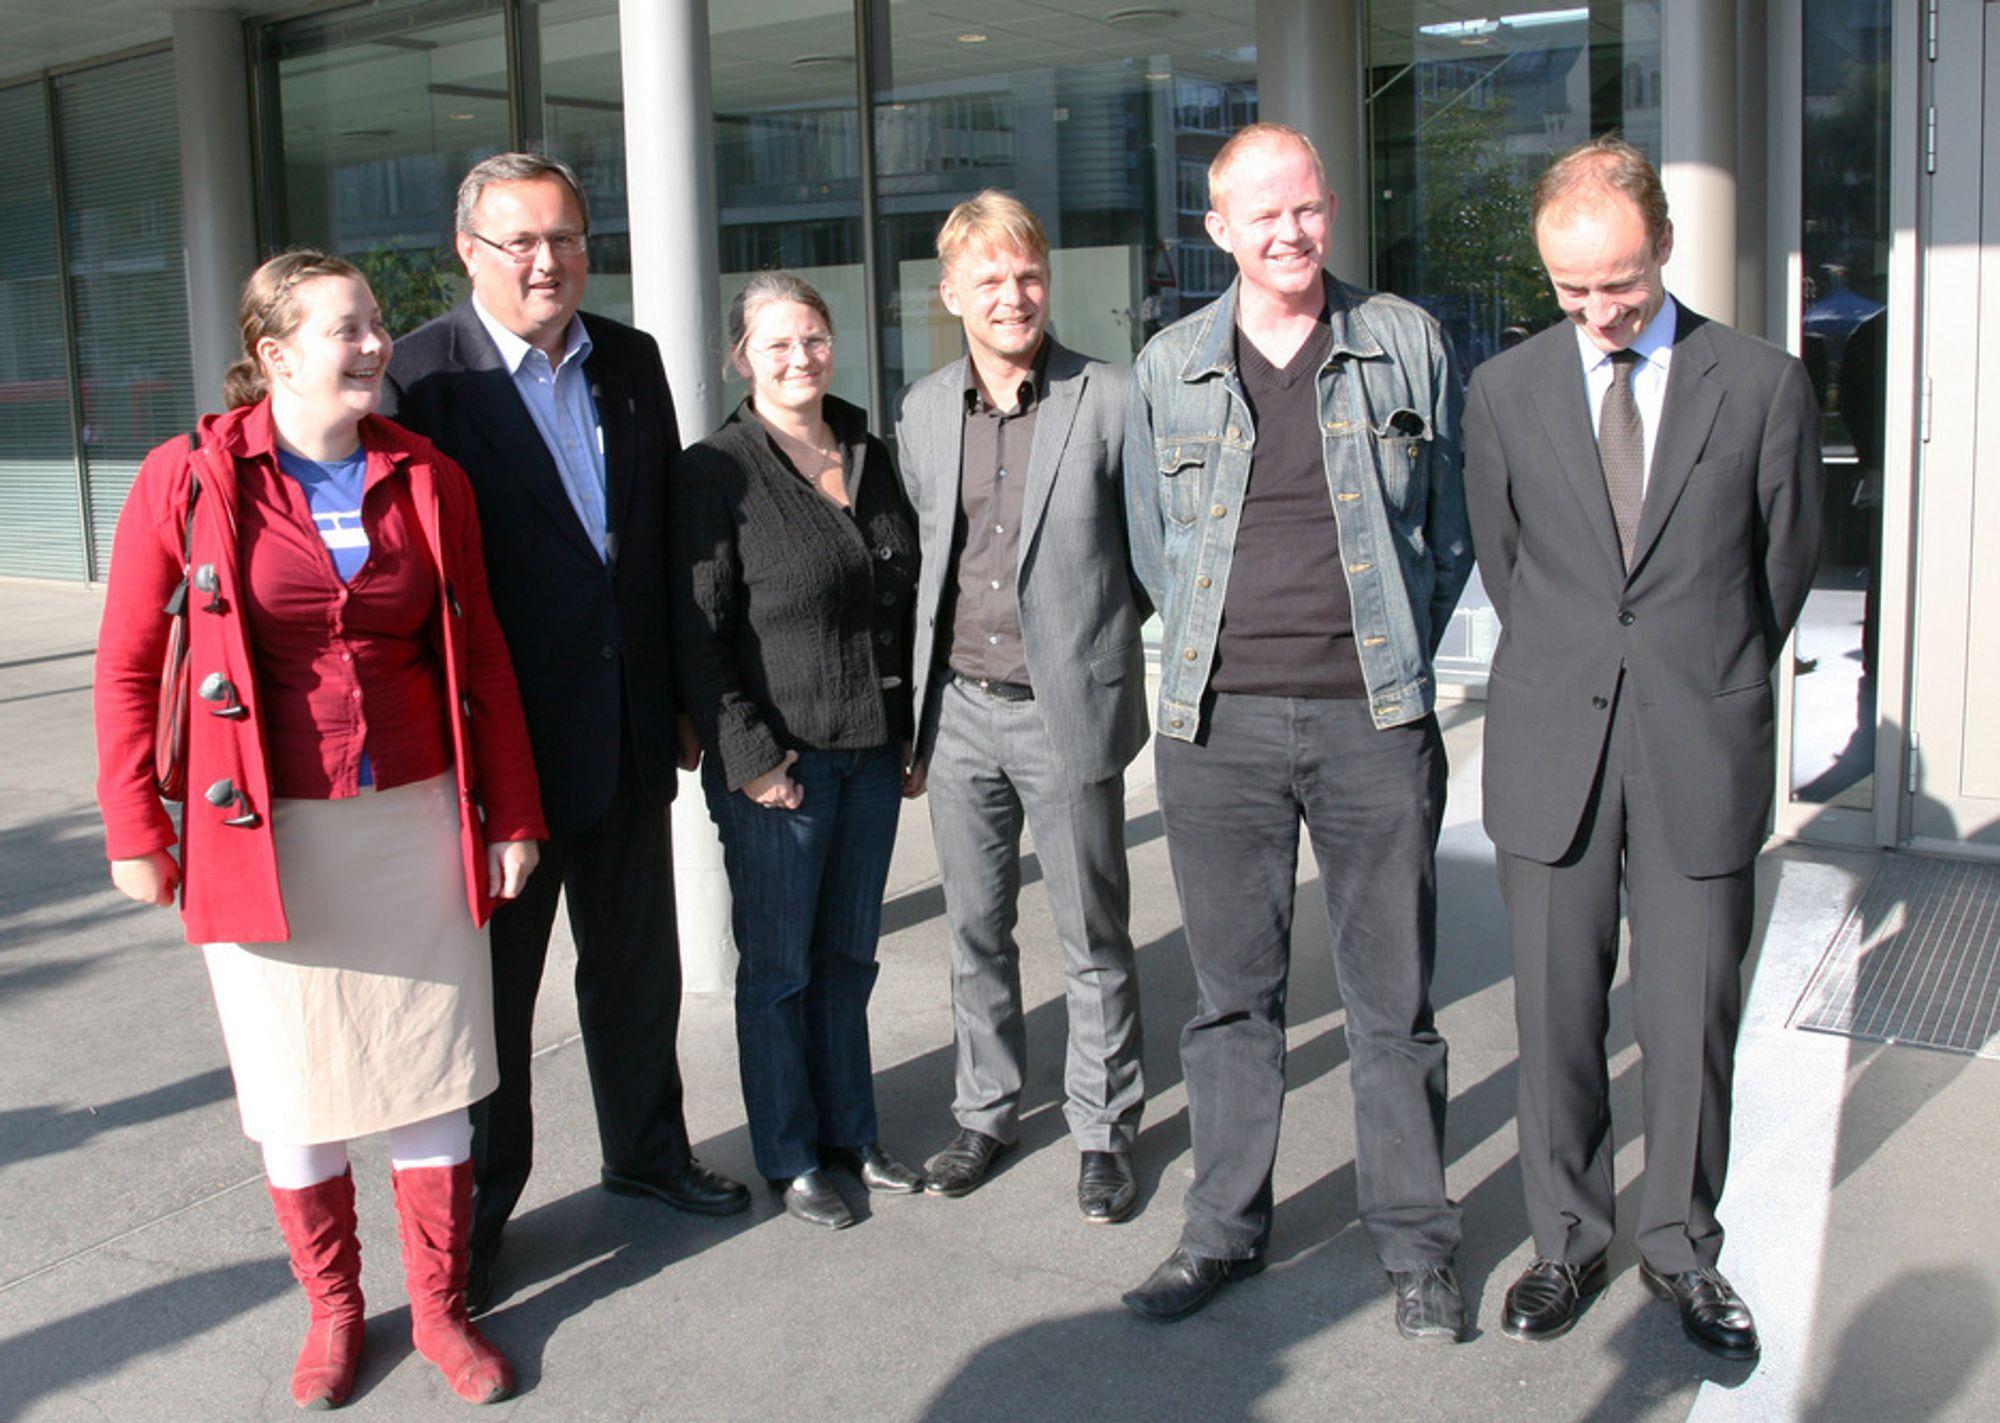 Miljøvernorganisasjonene har alliert seg med EBL og Enova, og har nå sett seg leie på regjeringens energisomling. Fra venstre: Pernille Hansen (Natur og Ungdom), Steinar Bysveen (EBL), Ane Brunvoll (Bellona), Claus Bindslev (Bindslev AS), Lars Haltbrekken (Naturvernforbundet) og Nils Kristian Nakstad (Enova).